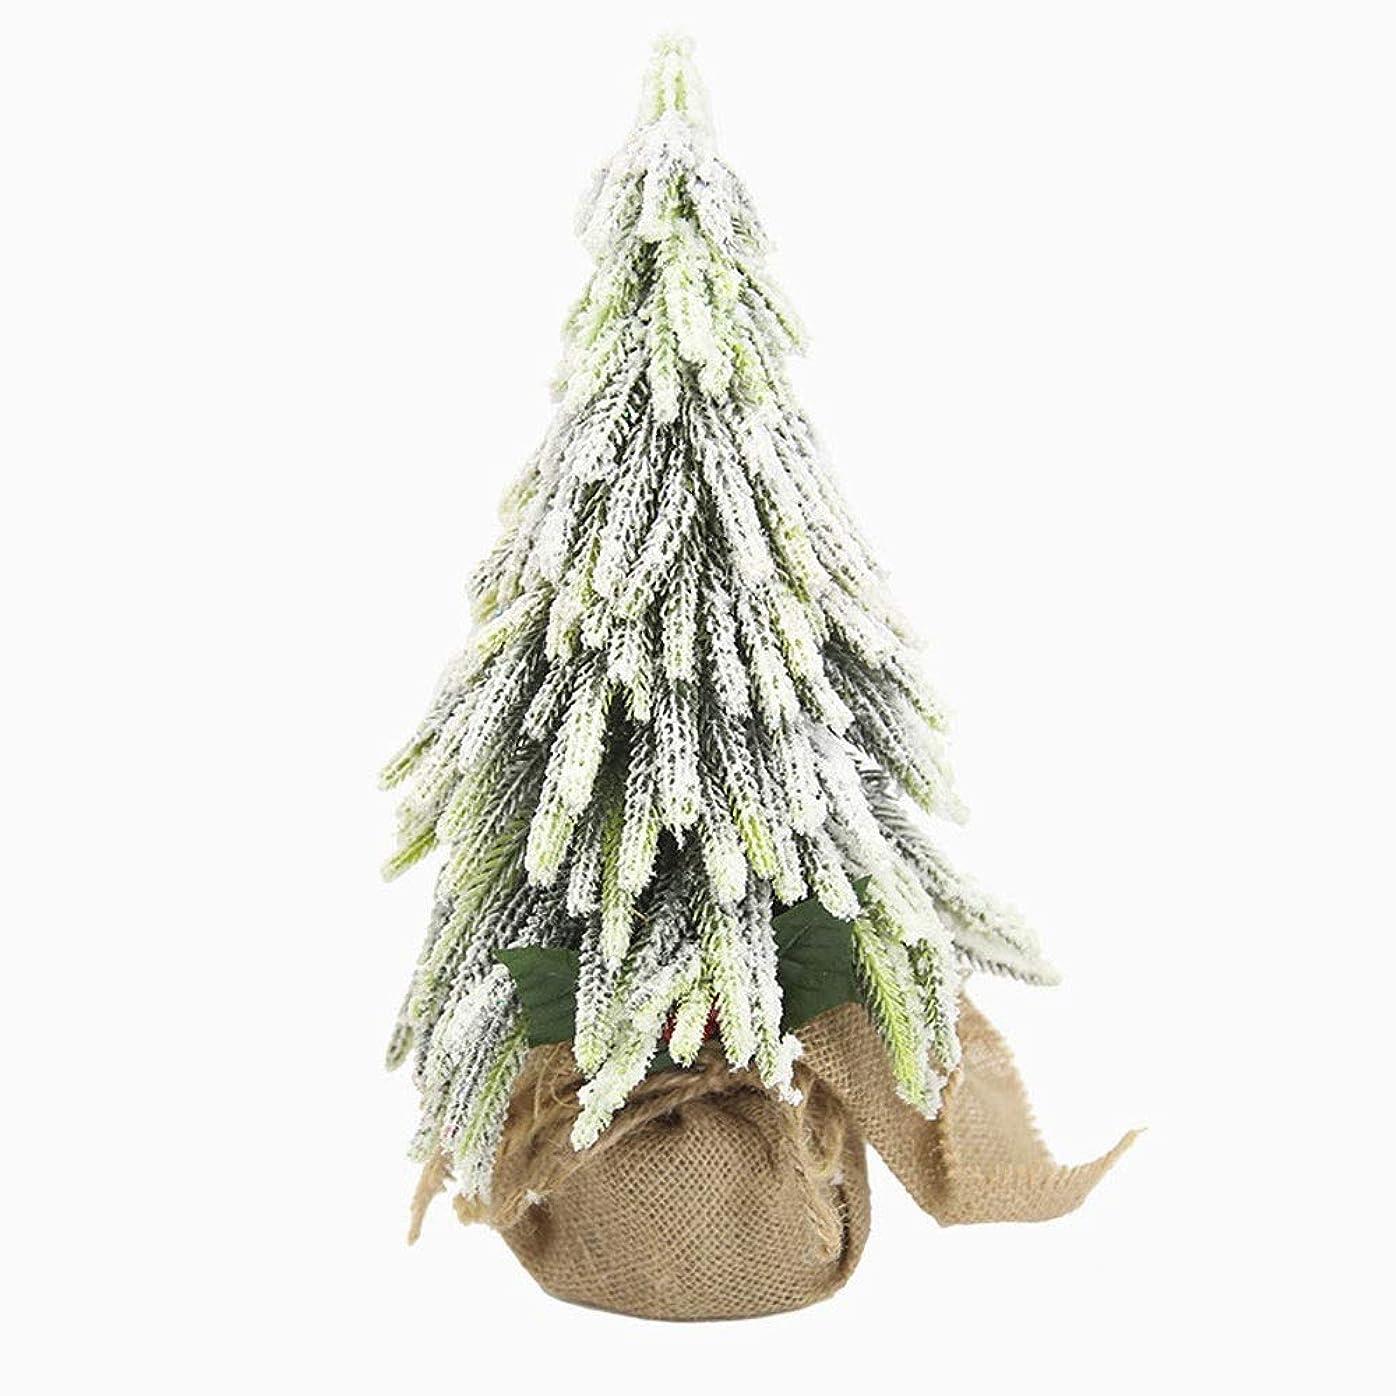 怖い旋回影響クリスマスのホームパーティーの装飾、クリスマスプレゼントのための人工的なクリスマスツリー、雪フロスト装飾木